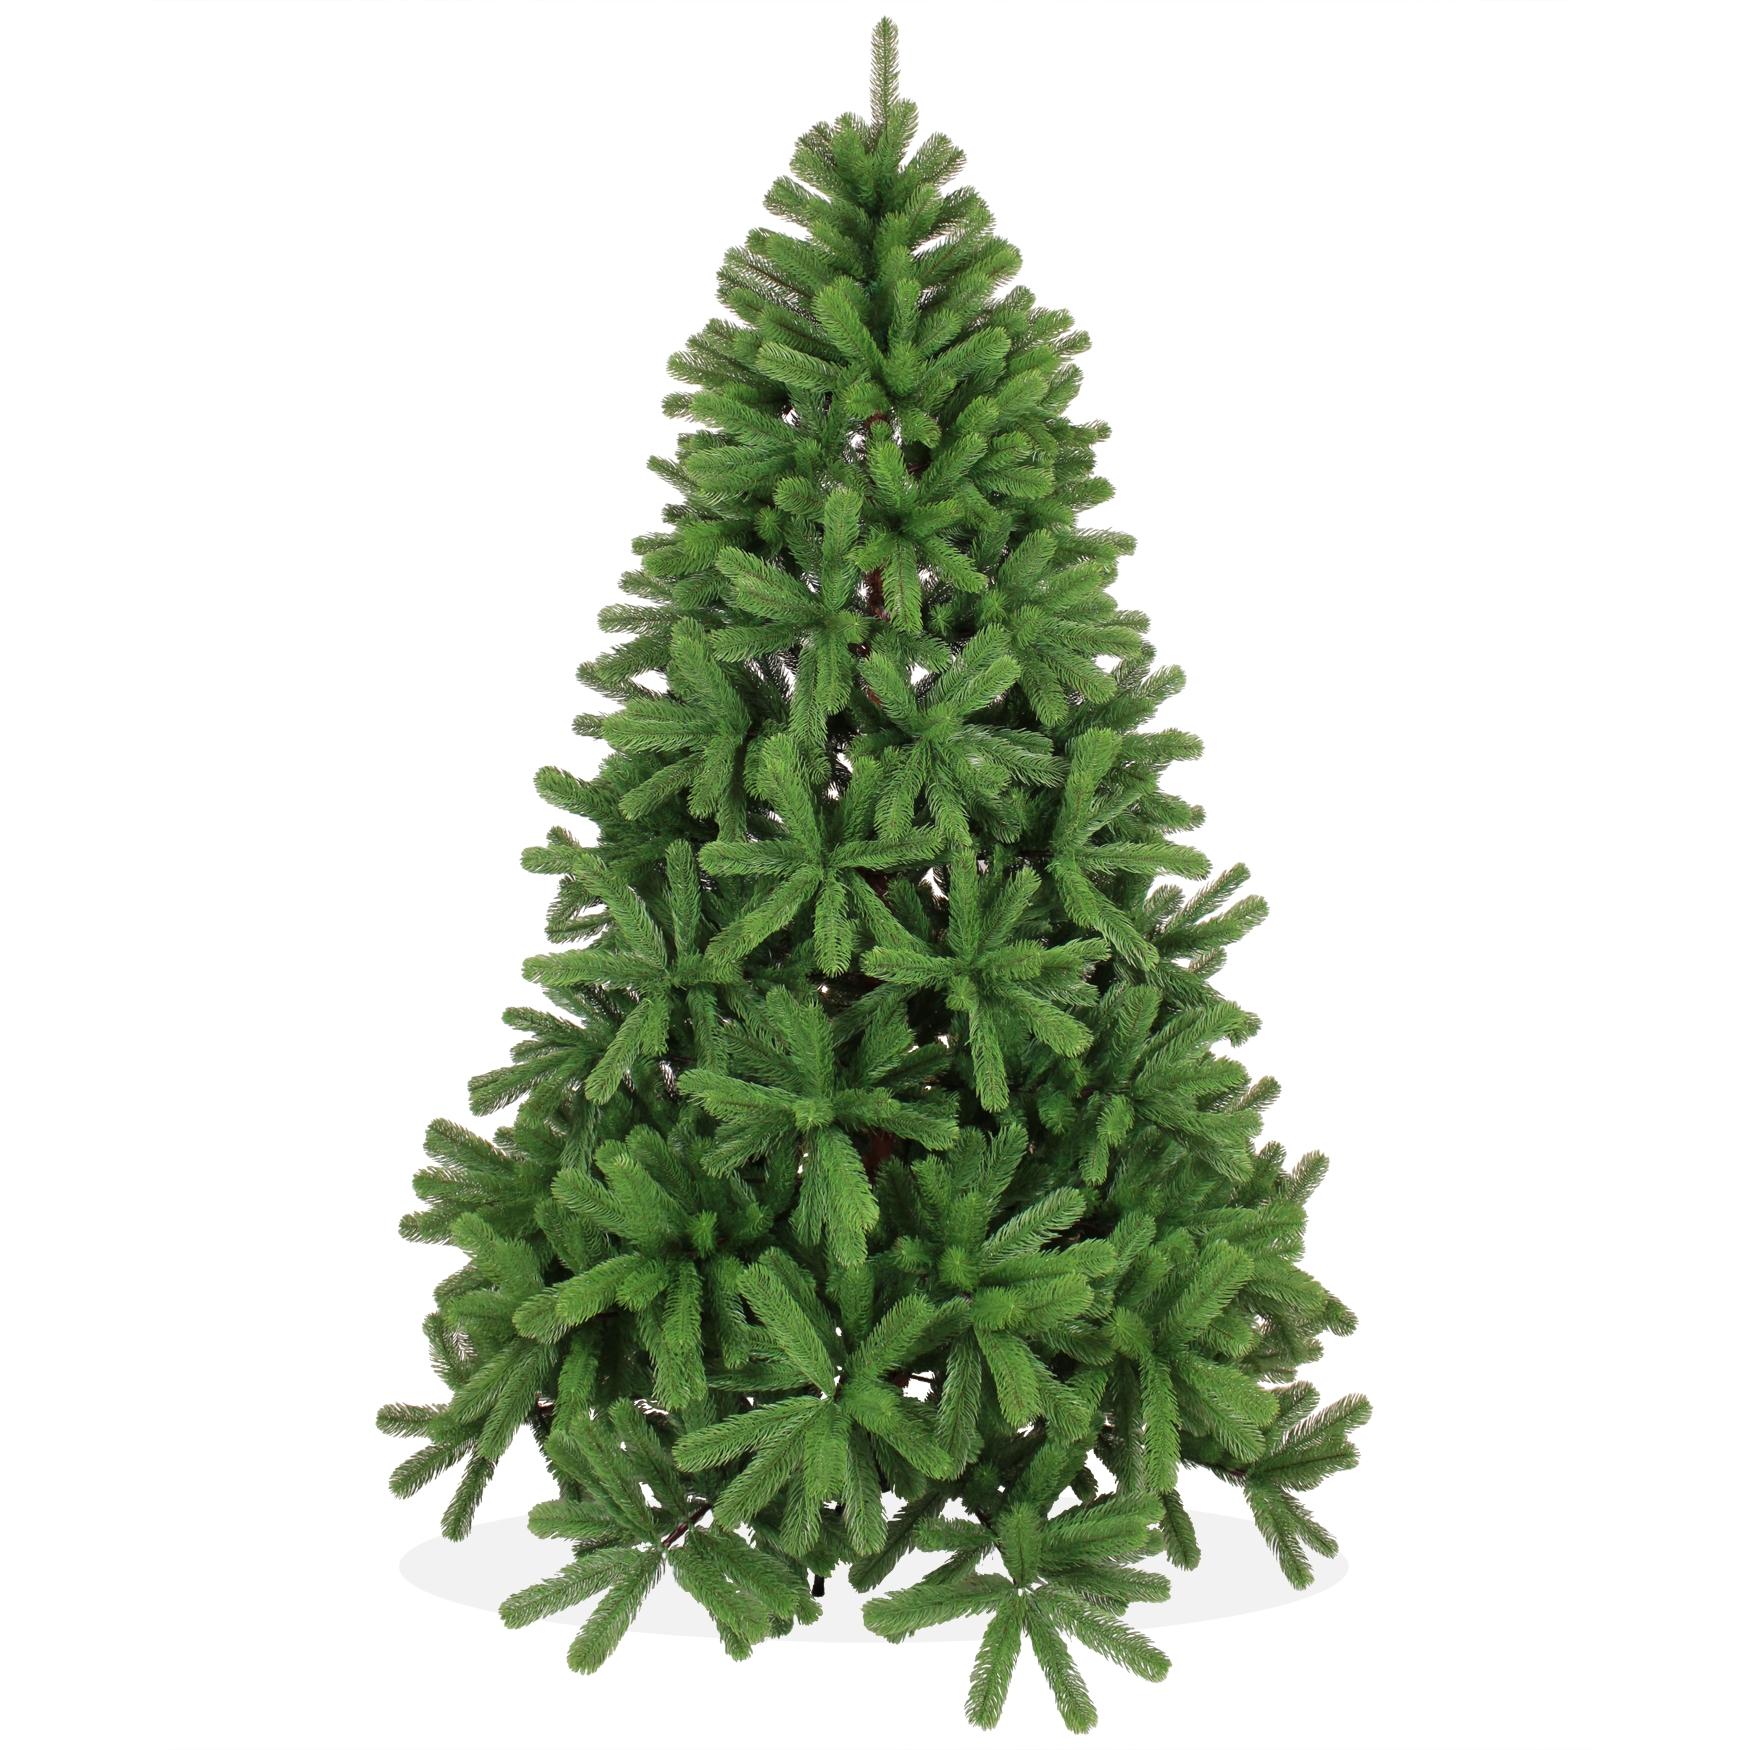 k nstlicher weihnachtsbaum 210cm pe spritzguss gr ner premium tannenbaum douglasie christbaum. Black Bedroom Furniture Sets. Home Design Ideas